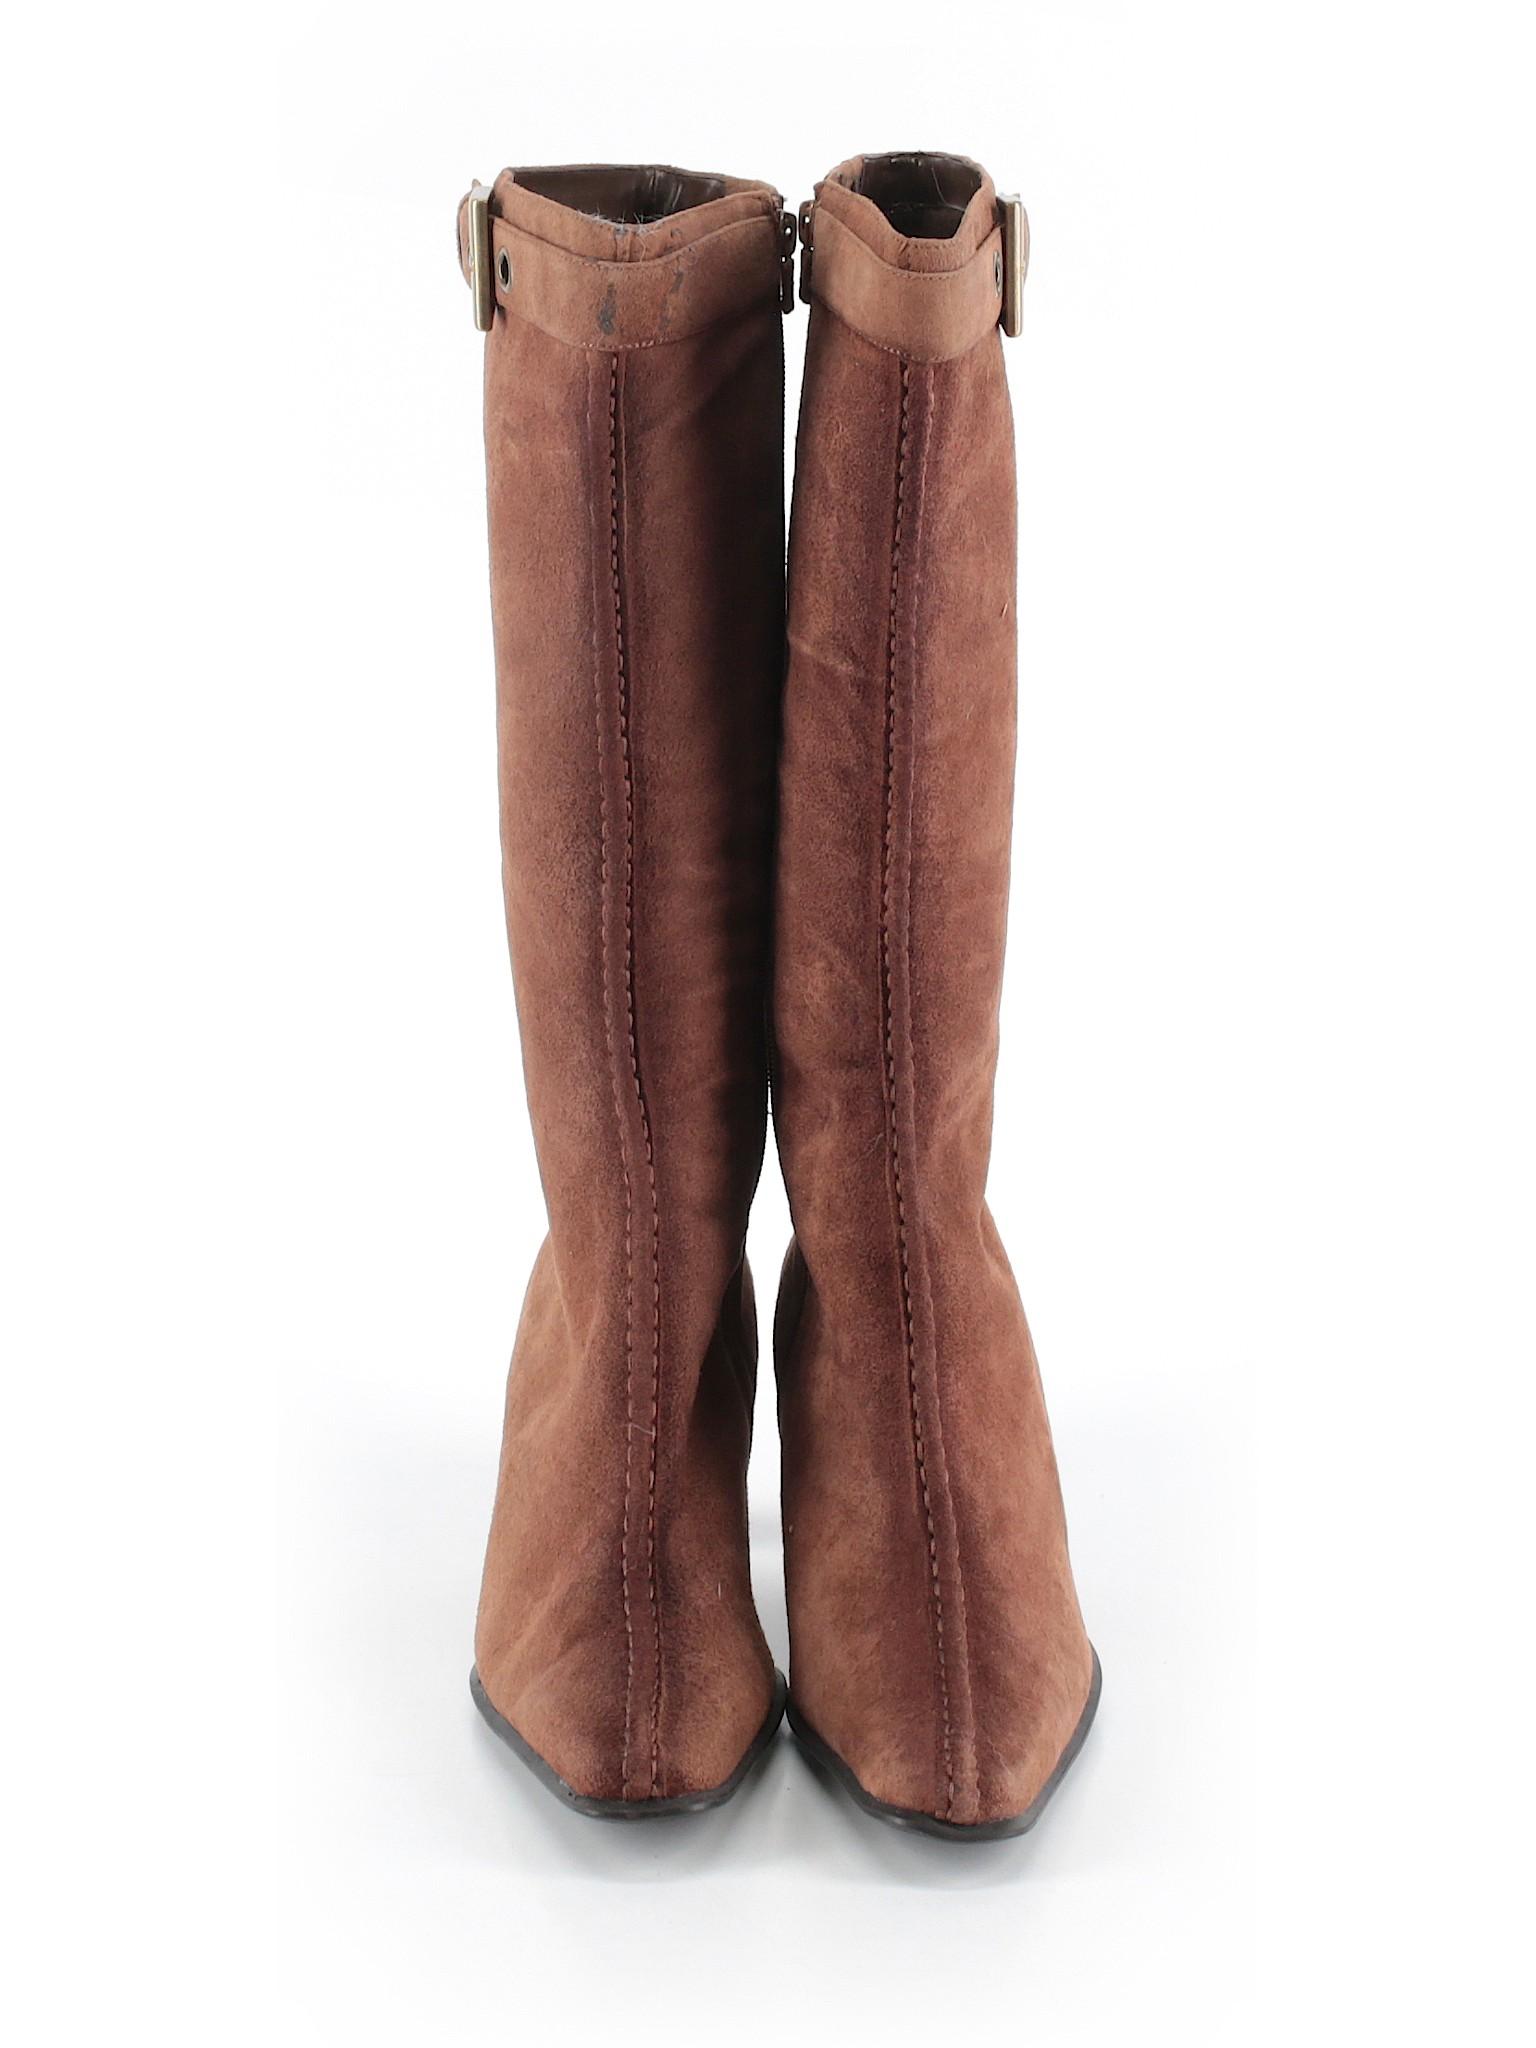 Boutique Boots Sarto promotion promotion Boutique Franco 6qxUqgp